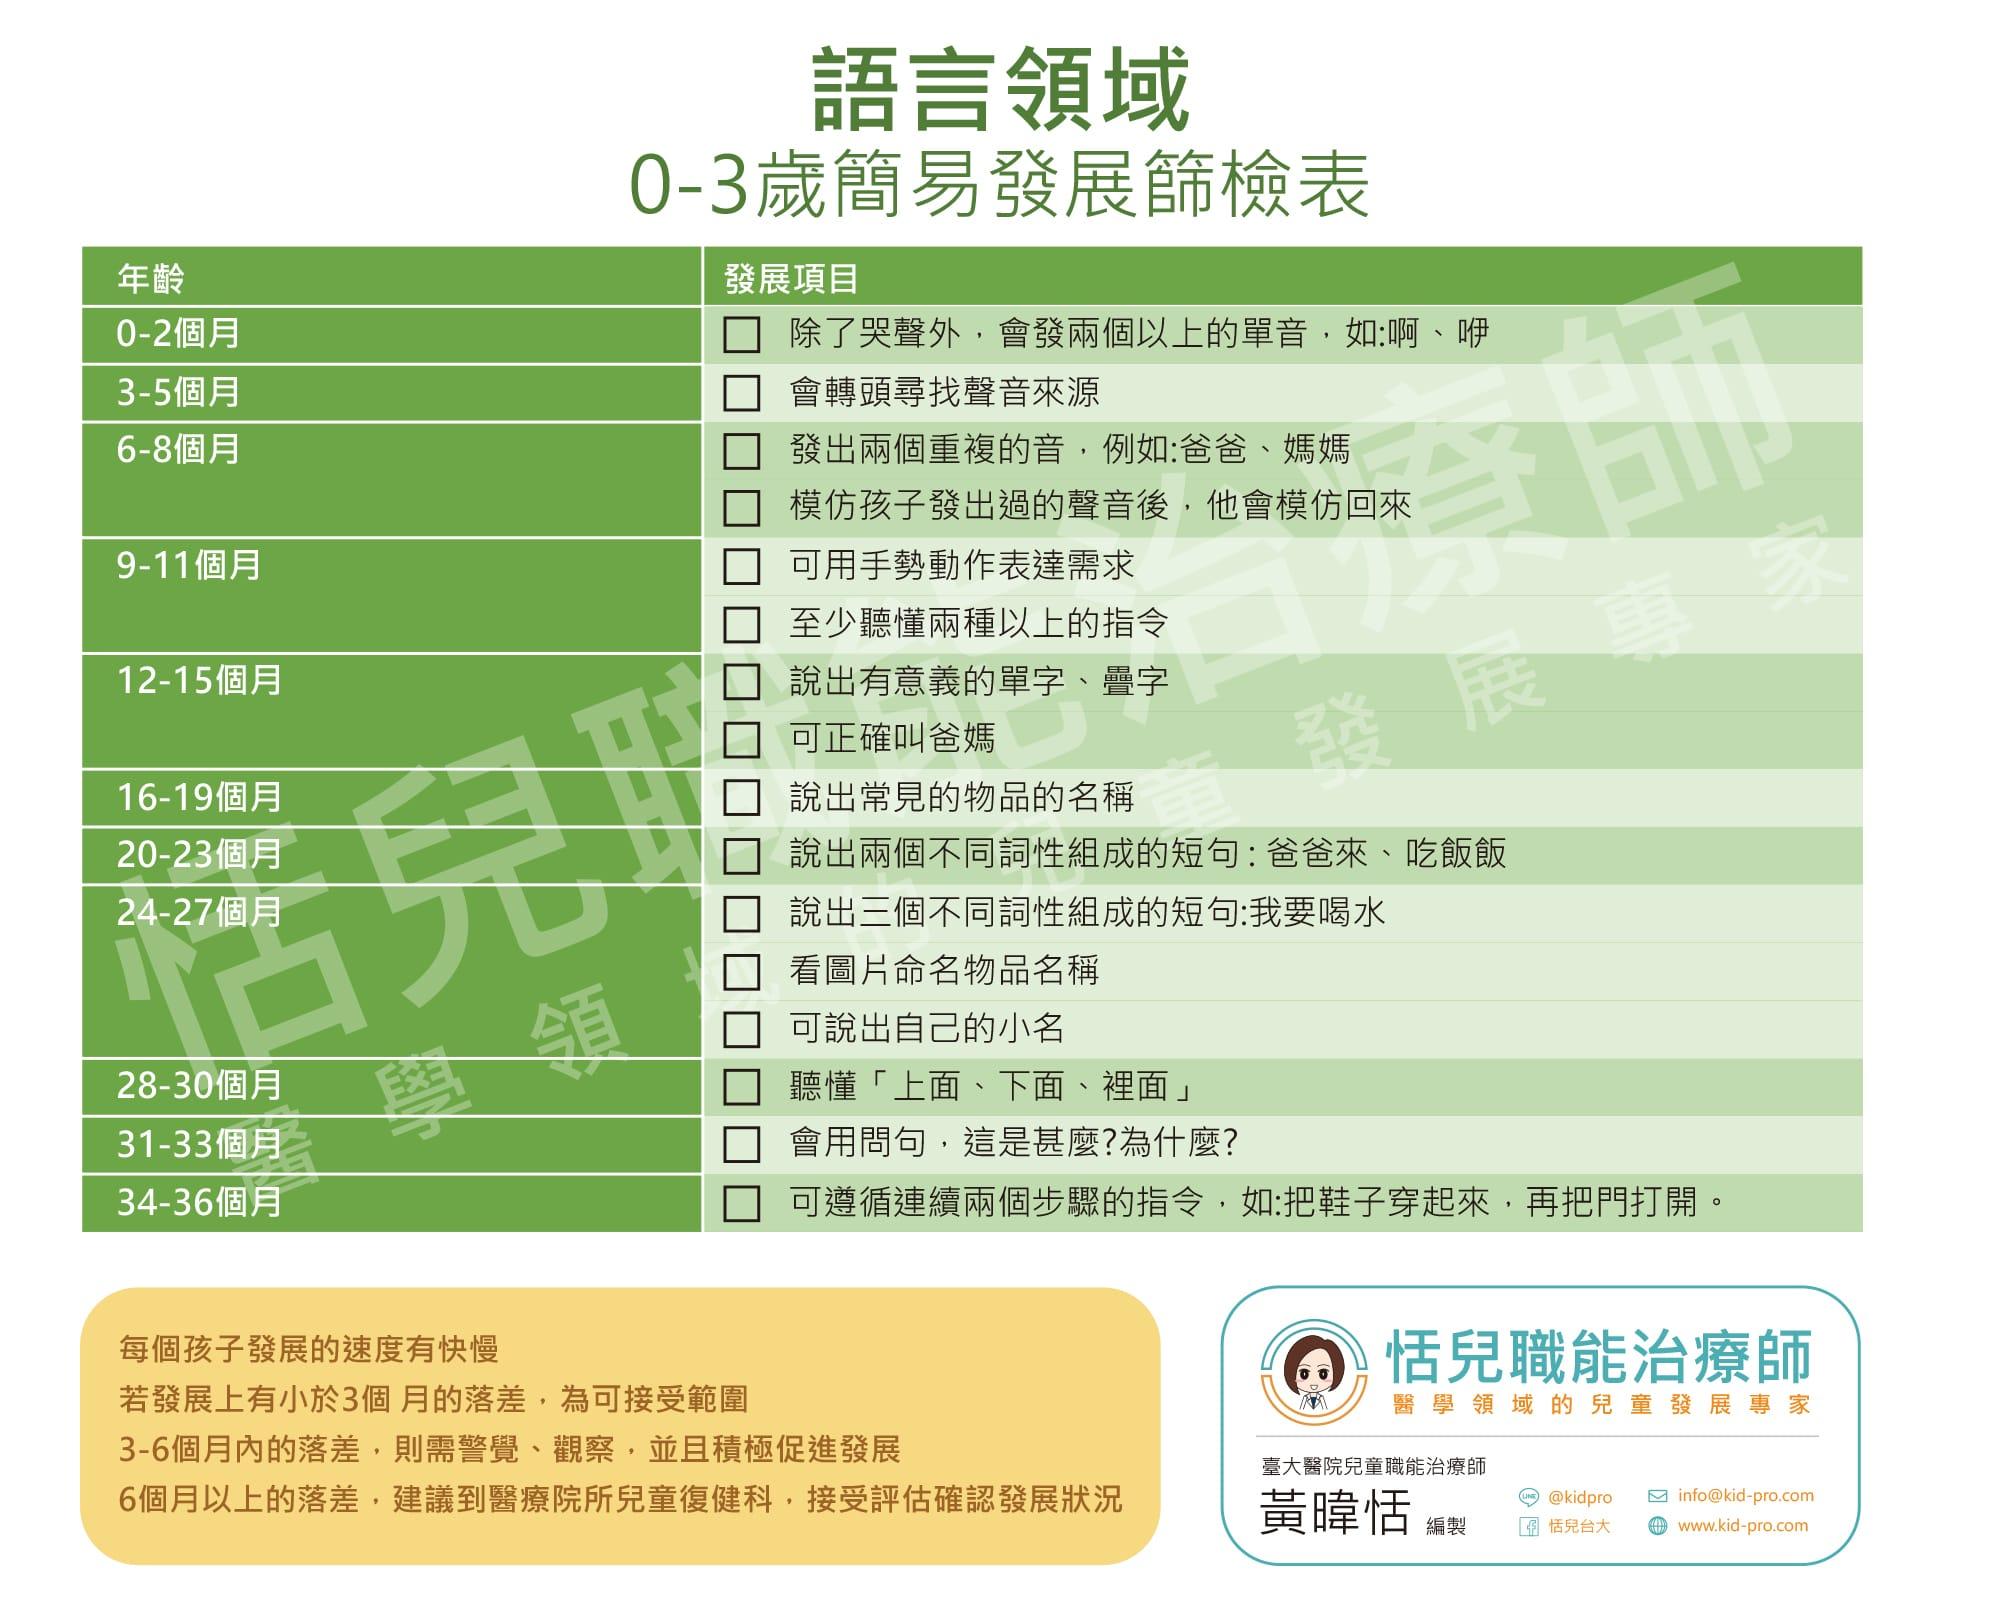 語言領域0-3歲簡易發展篩檢表